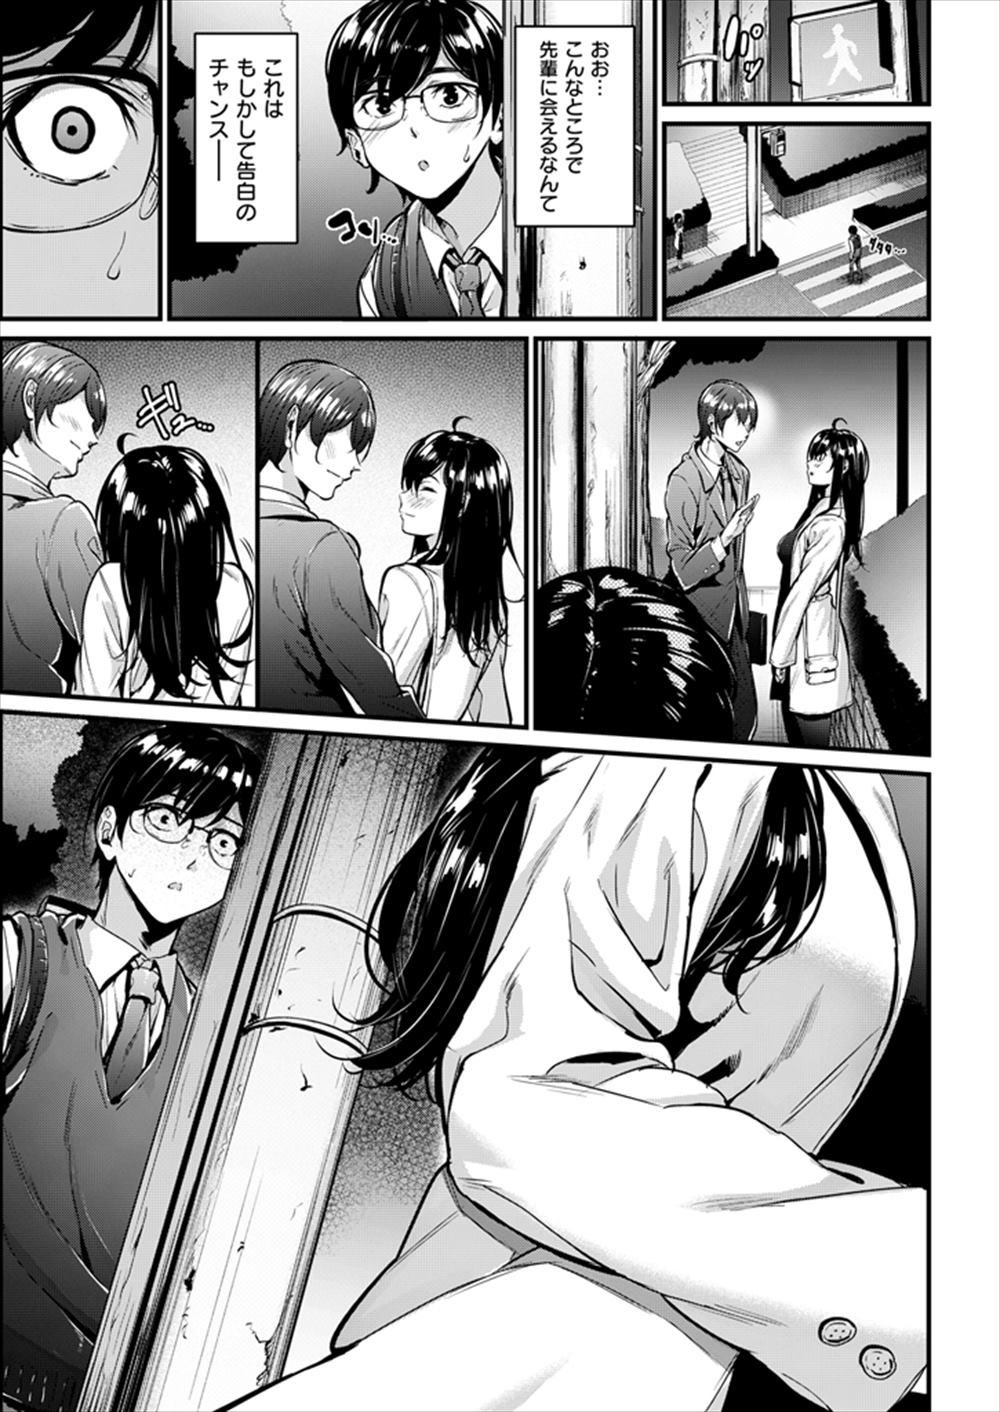 【エロ漫画】好きな人の妹に告白の練習したら彼氏持ちだった…妹に騙されたと思ったら彼女と野外プレイ童貞卒業しちゃうww【みくに瑞貴:悪女考察】